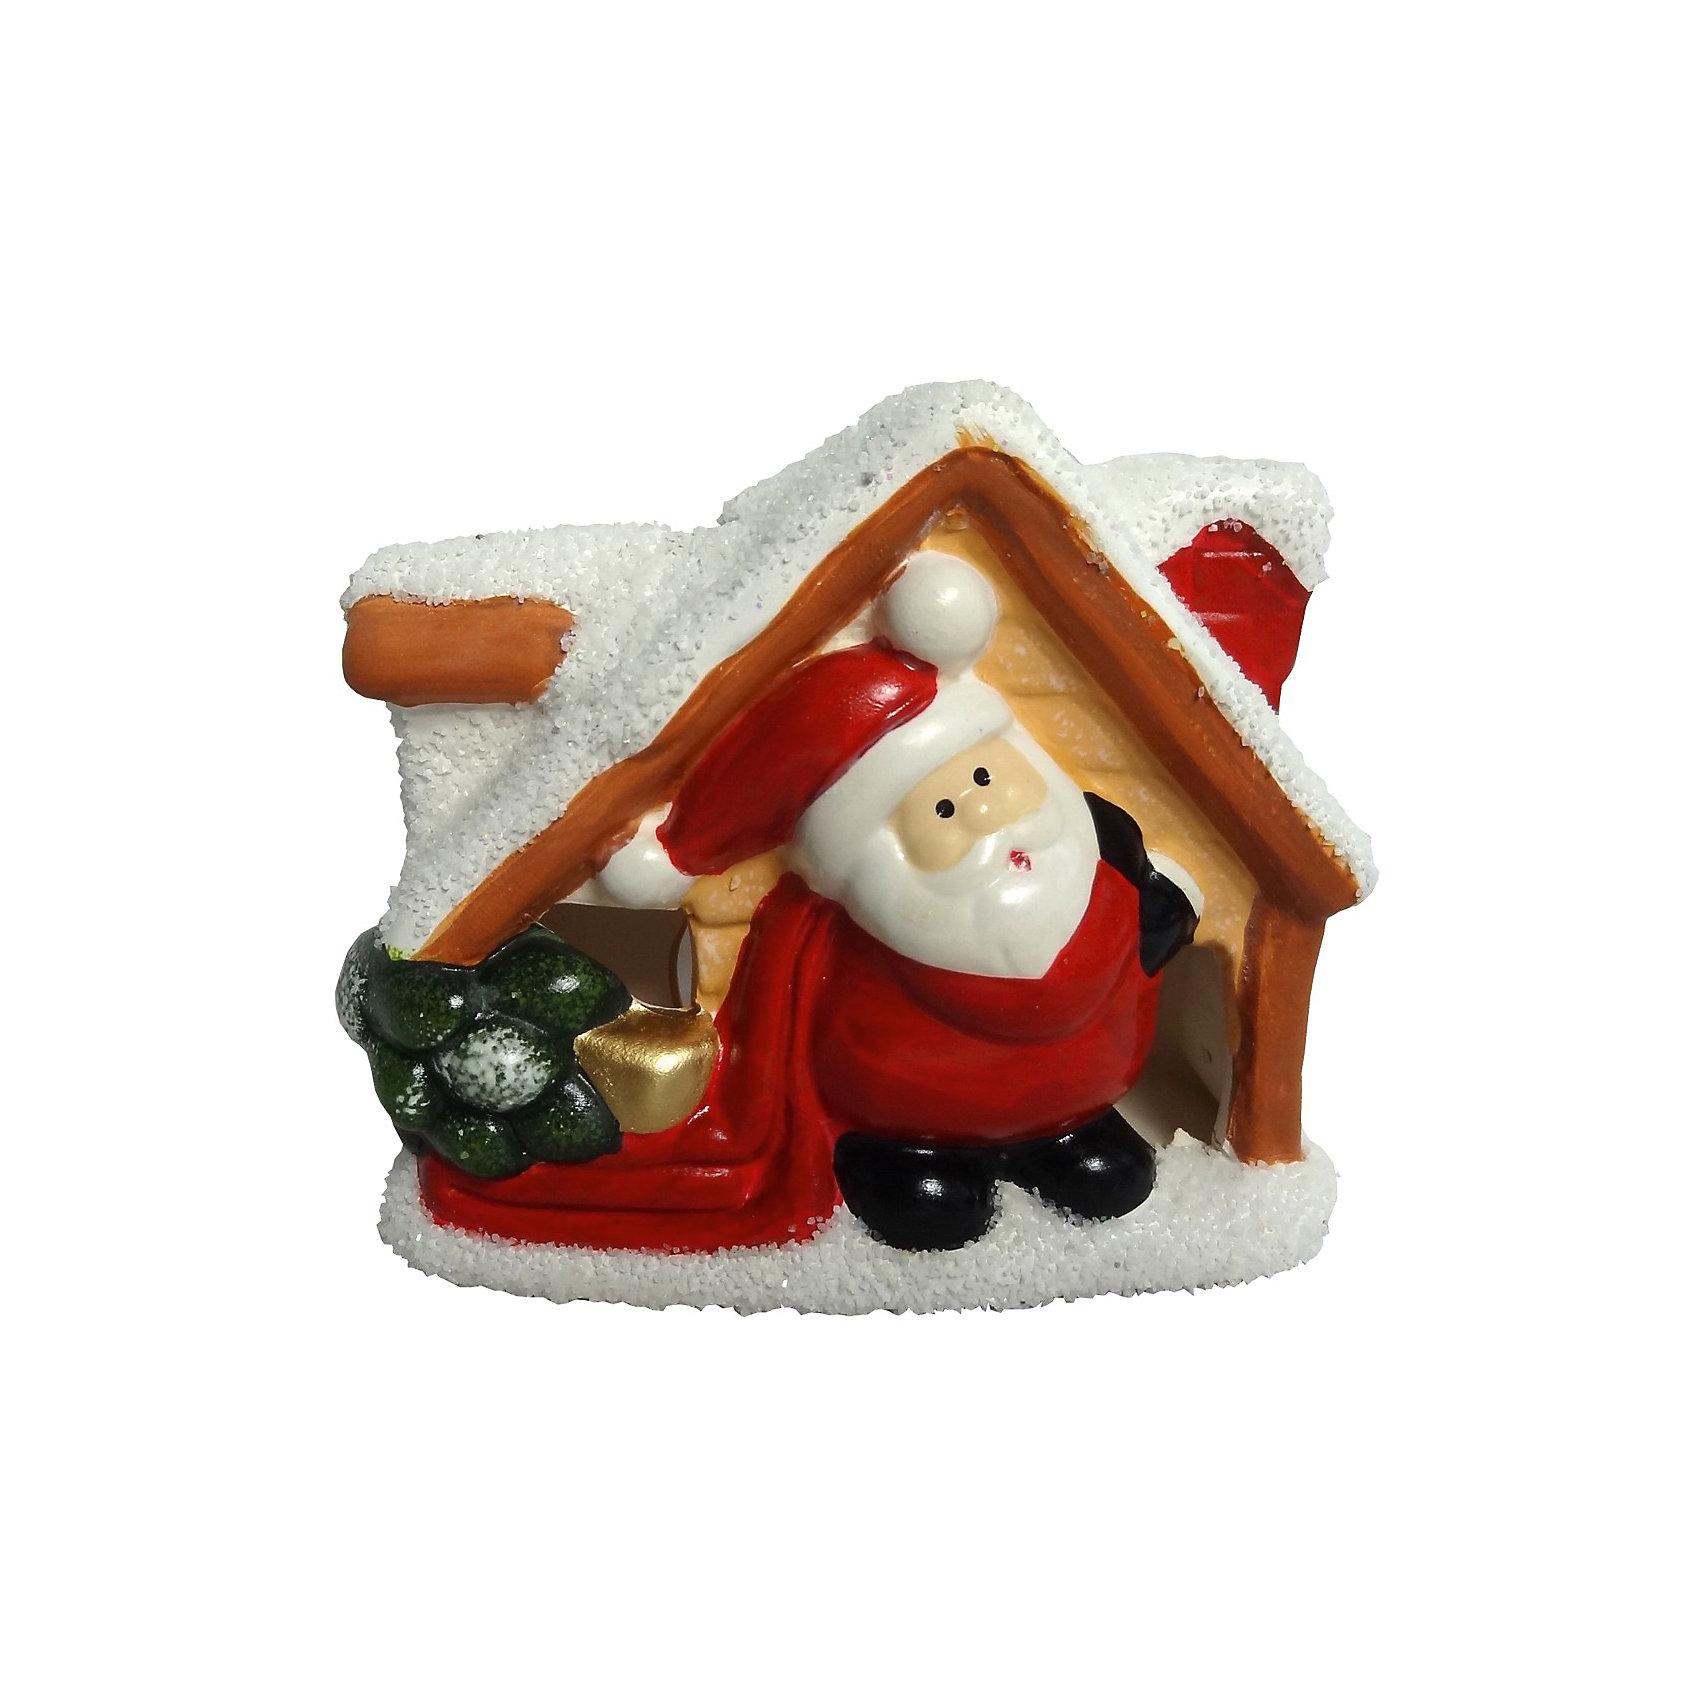 Подсвечник керамический ДомикПодсвечник керамический Домик, Волшебная страна станет замечательным украшением Вашего новогоднего интерьера и приятным сувениром для родных и друзей. Подсвечник<br>выполнен в форме симпатичного заснеженного домика с фигуркой Деда Мороза. Сказочный домик, подсвеченный свечой, порадует и взрослых и детей и поможет создать<br>волшебную атмосферу новогодних праздников.<br><br>Дополнительная информация:<br><br>- Материал: керамика.<br>- Размер: 12 x 5,3 x 10,3 см.<br>- Вес: 335 гр. <br><br>Подсвечник керамический Домик, Волшебная страна можно купить в нашем интернет-магазине.<br><br>Ширина мм: 570<br>Глубина мм: 0<br>Высота мм: 0<br>Вес г: 335<br>Возраст от месяцев: 60<br>Возраст до месяцев: 180<br>Пол: Унисекс<br>Возраст: Детский<br>SKU: 3791441